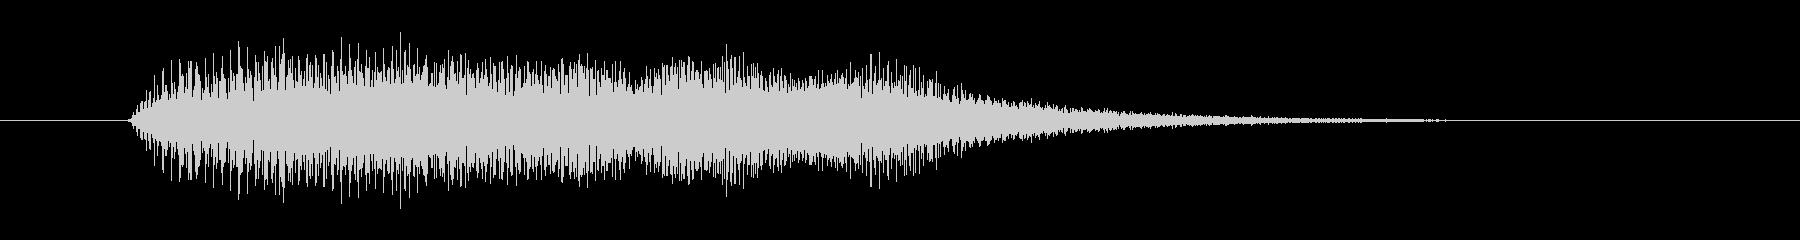 ブヮーン(広がっていく音)の未再生の波形